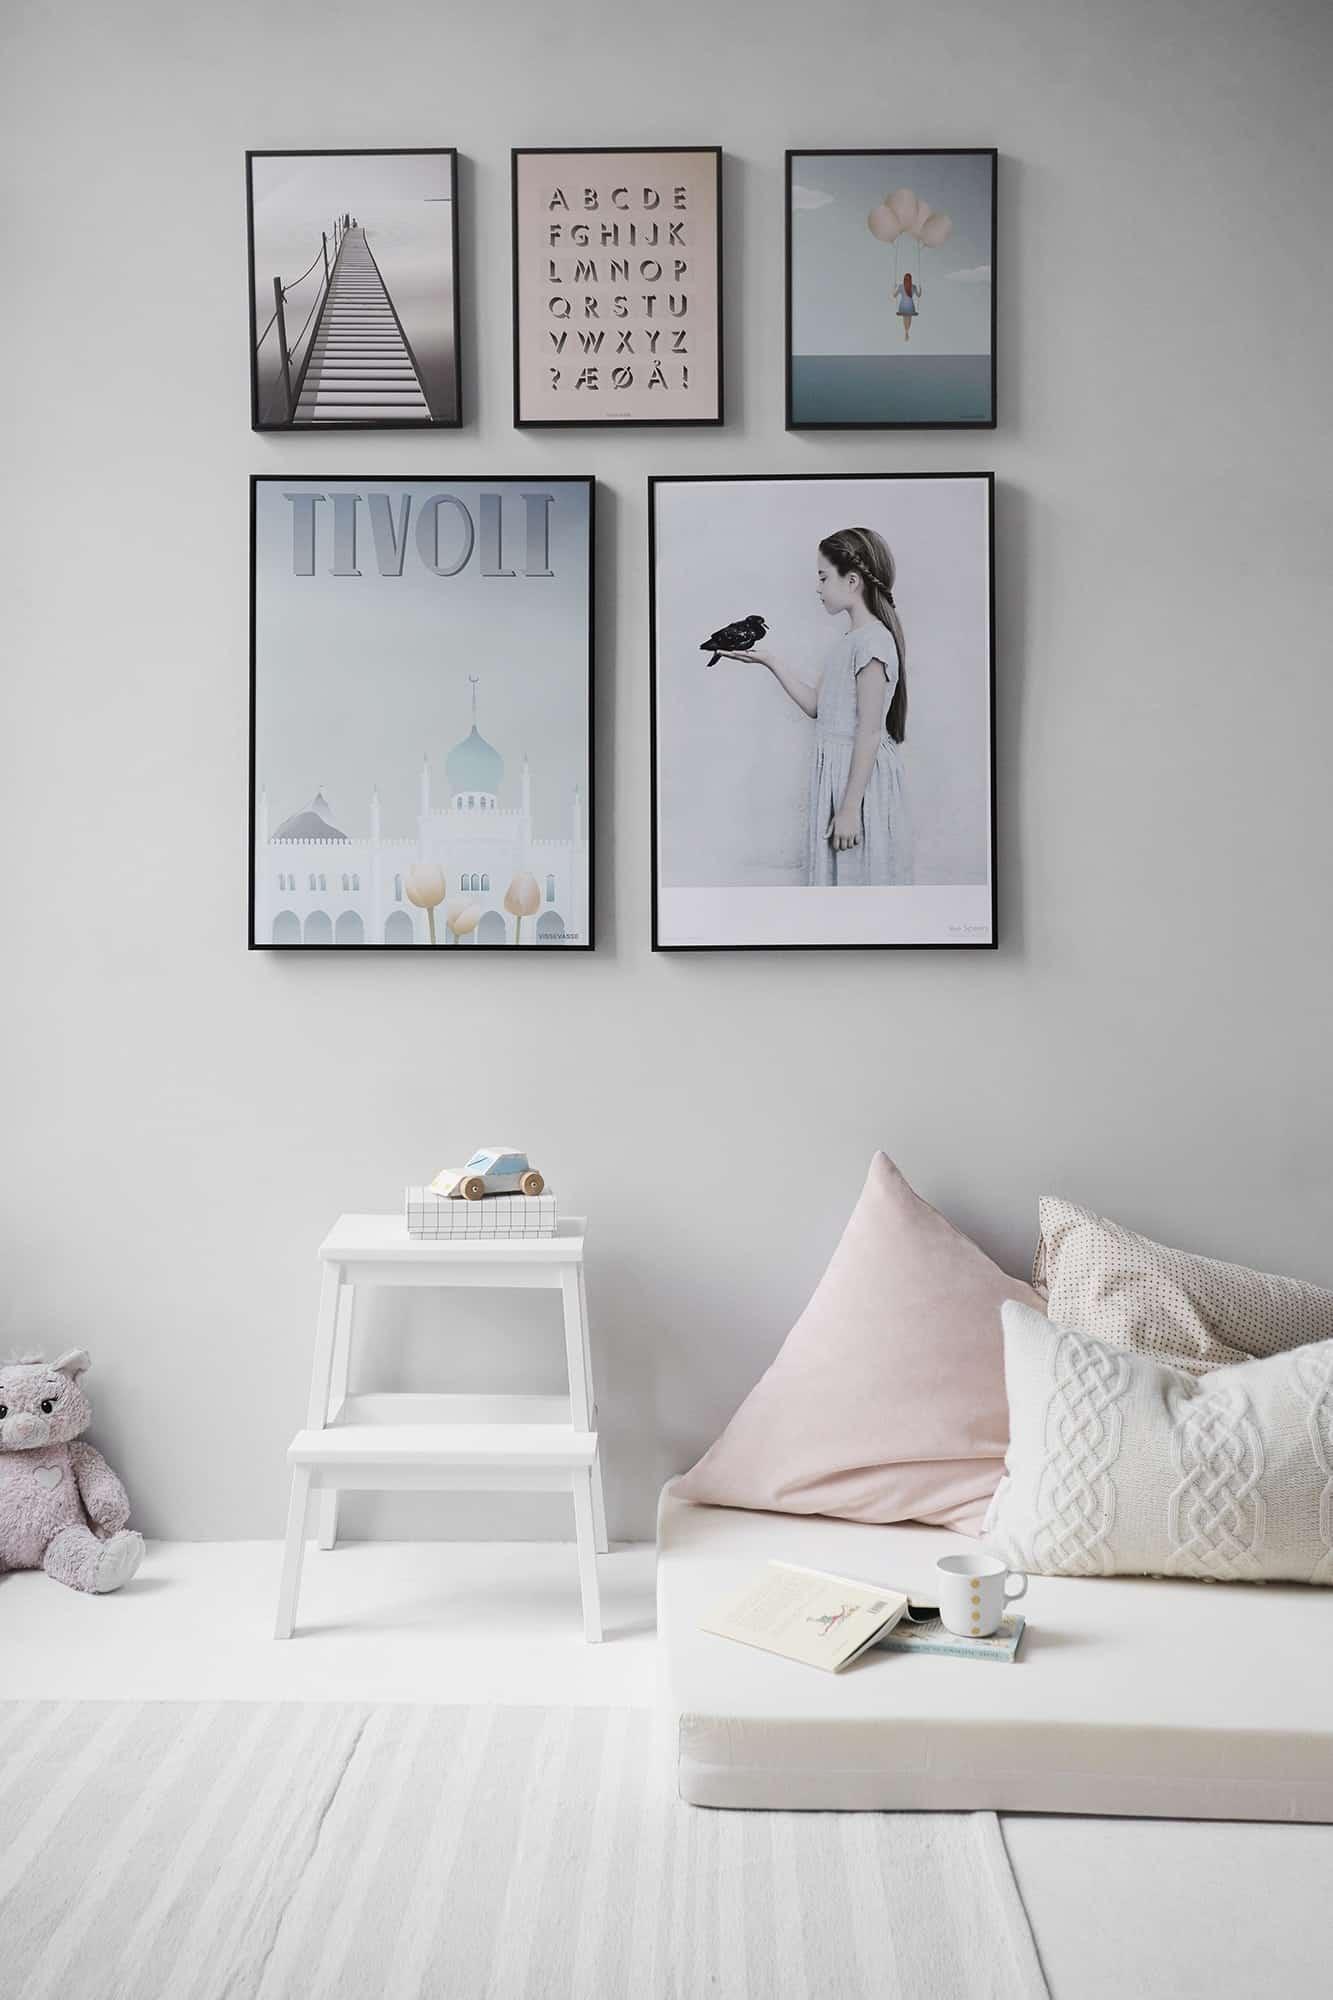 עיצוב דירות – כצד לבחור את המעצב שיתאים לכם